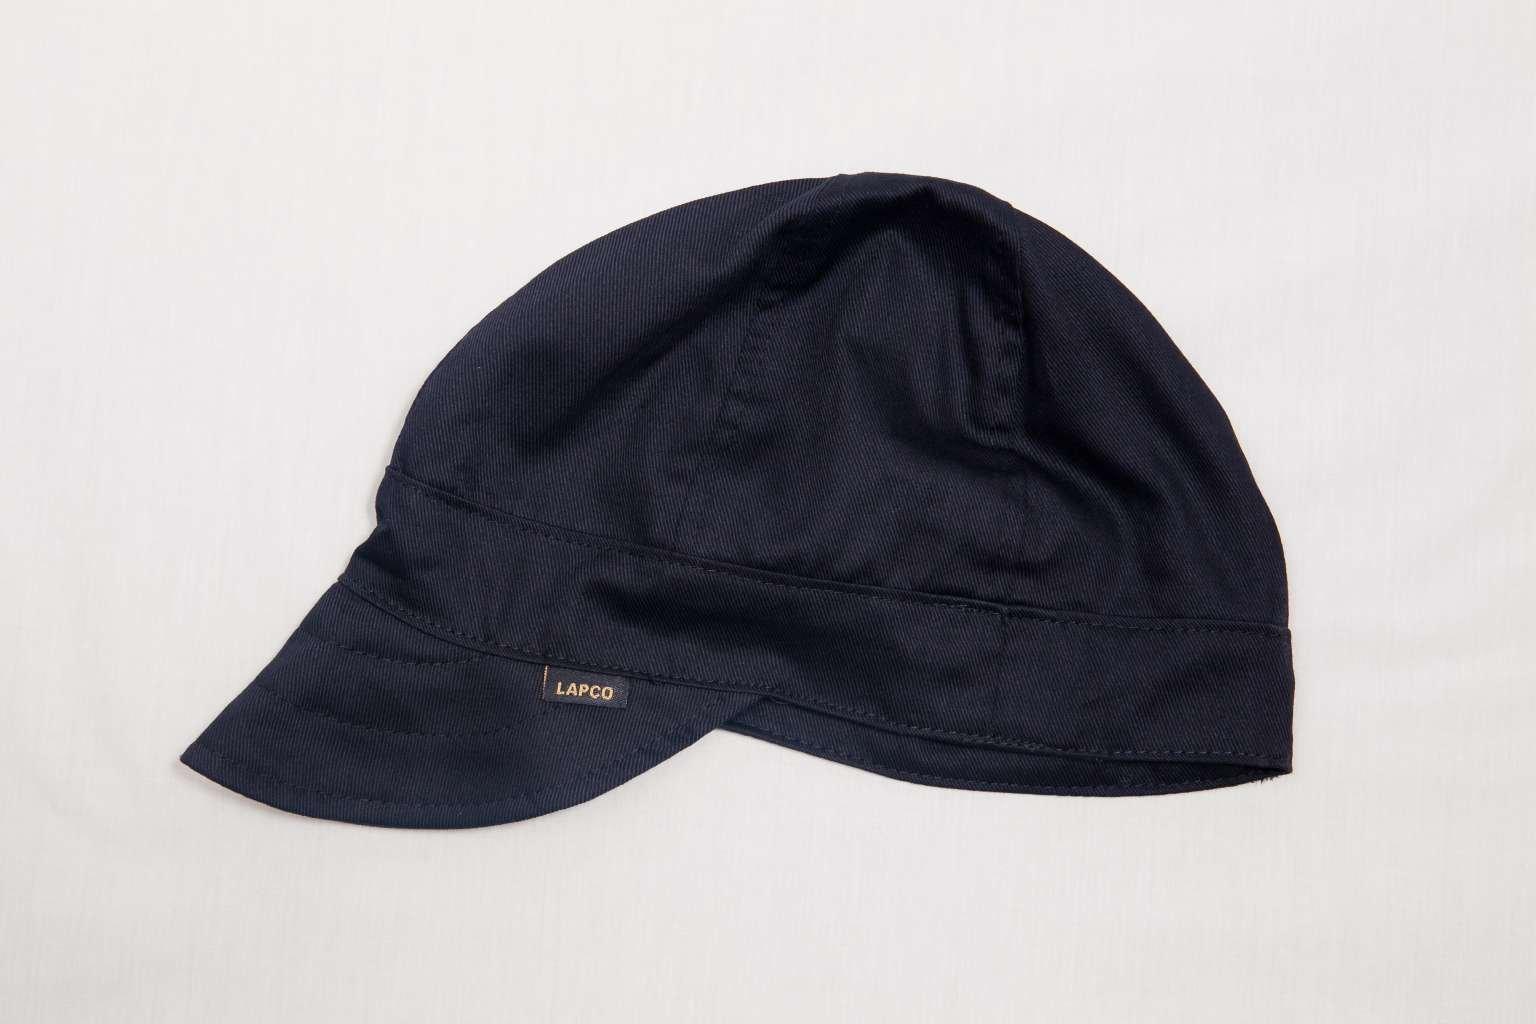 Lapco FR LAP 6CB-7 7/8 6-Panel Welder's Caps, 100% Cotton, 7 7/8'', Black